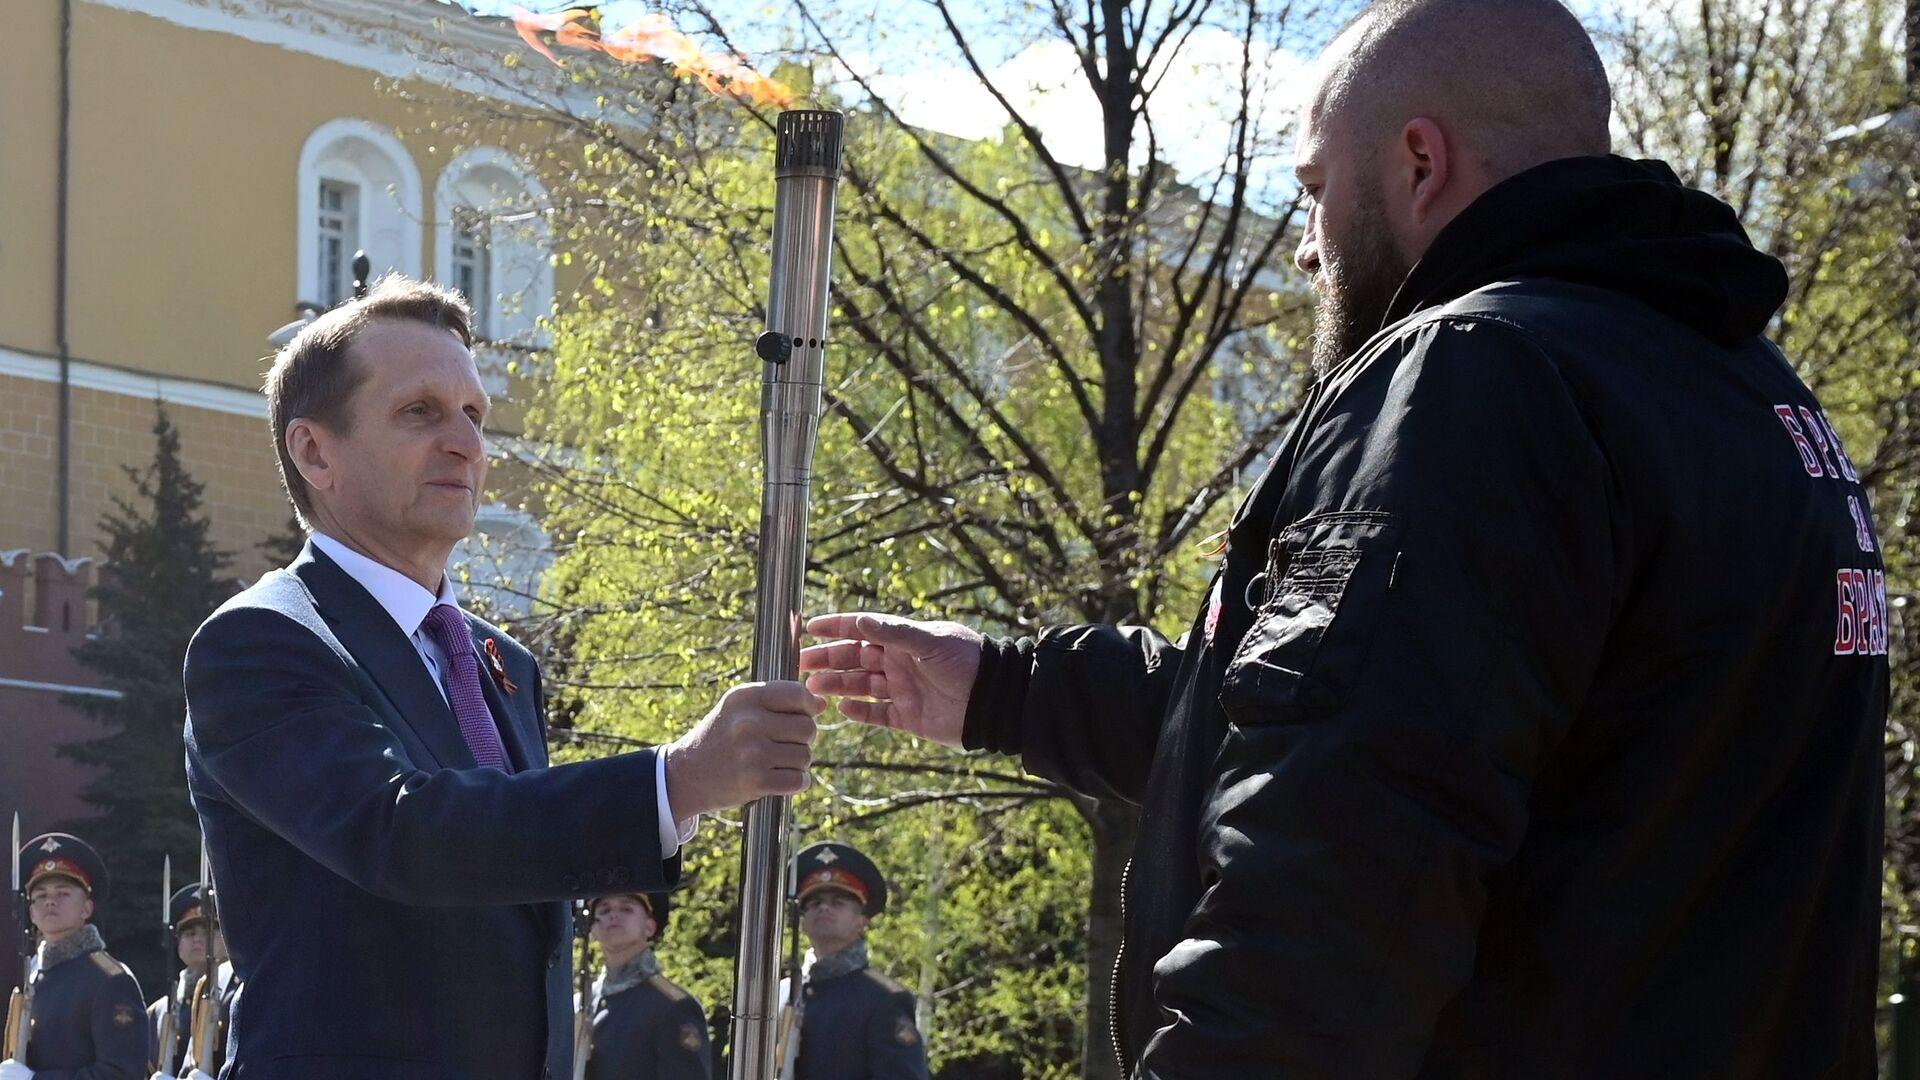 Předseda Ruské historické společnosti a ředitel Služby vnější rozvědky RF Sergej Naryškin během ceremoniálu přenesení částice věčného ohně od hrobu neznámého vojáka u Kremelské zdi na Slovensko - Sputnik Česká republika, 1920, 05.05.2021